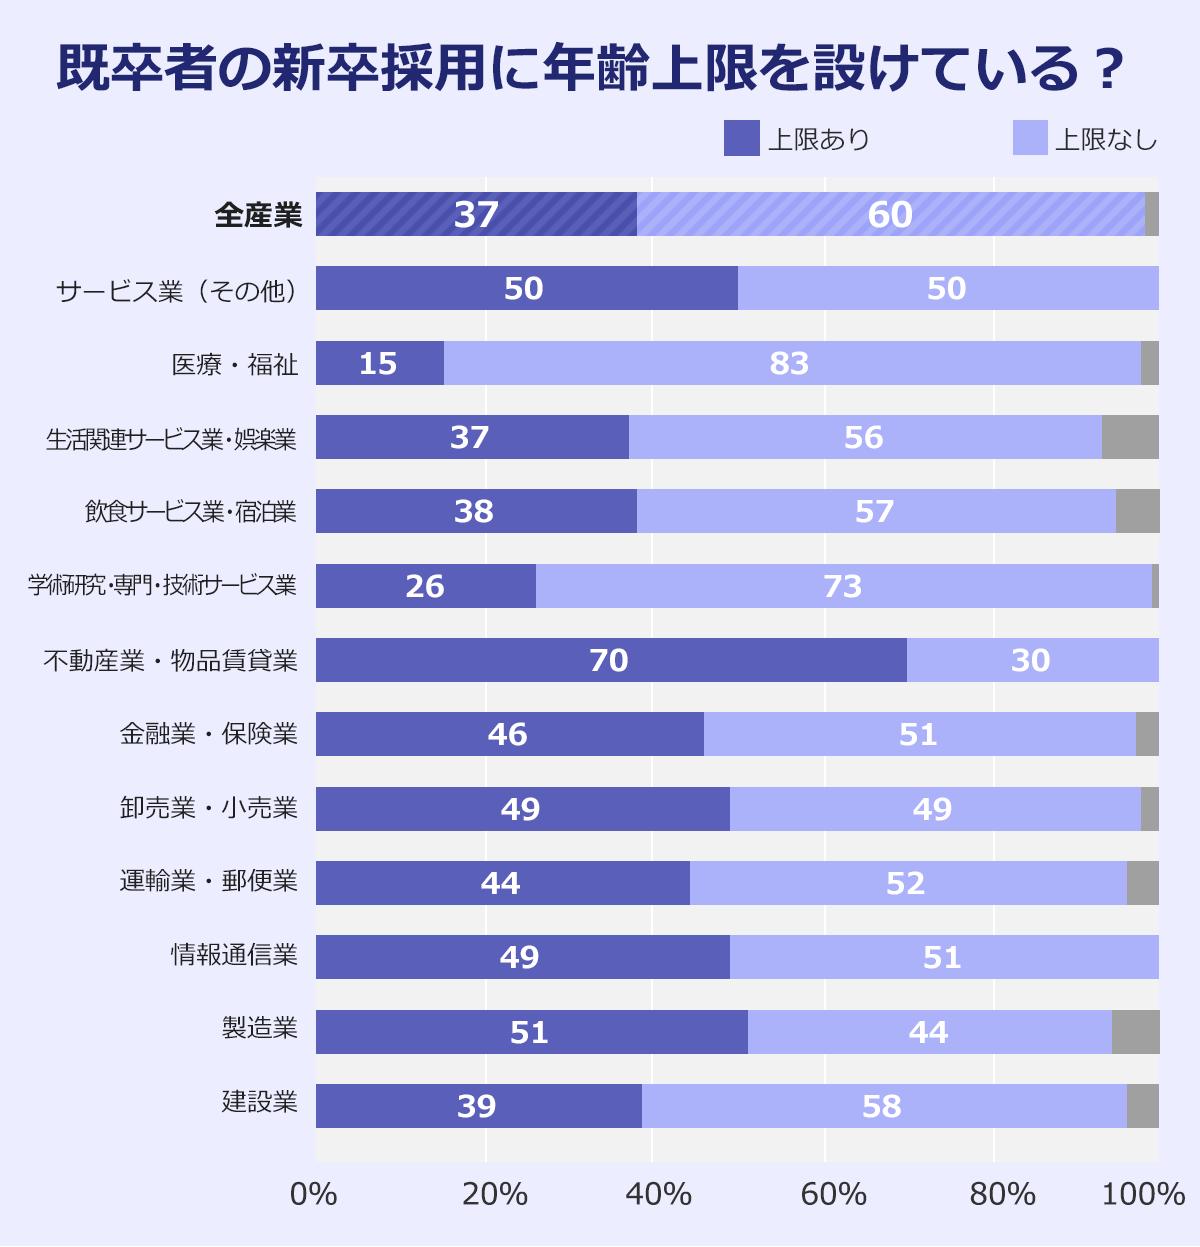 「既卒採用で年齢の上限を定めているか」という質問に対する企業の回答状況を表したグラフ※無回答除く(2019年8月1日現在)。以下、上限あり,上限なし。産業計:37%,60%。サービス業(その他):50%,50%。医療、福祉:15%%,83%。生活関連サービス業、娯楽業:37%,56%。宿泊業、飲食サービス業:38%,57%。学術研究、専門・技術サービス業:26%,73%。不動産業、物品賃貸業:70%,30%。金融業、保険業:46%,51%。卸売業、小売業:49%,49%。運輸業、郵便業:44%,52%。情報通信業:49%,51%。製造業:51%,44%。建設業:39%,58%。